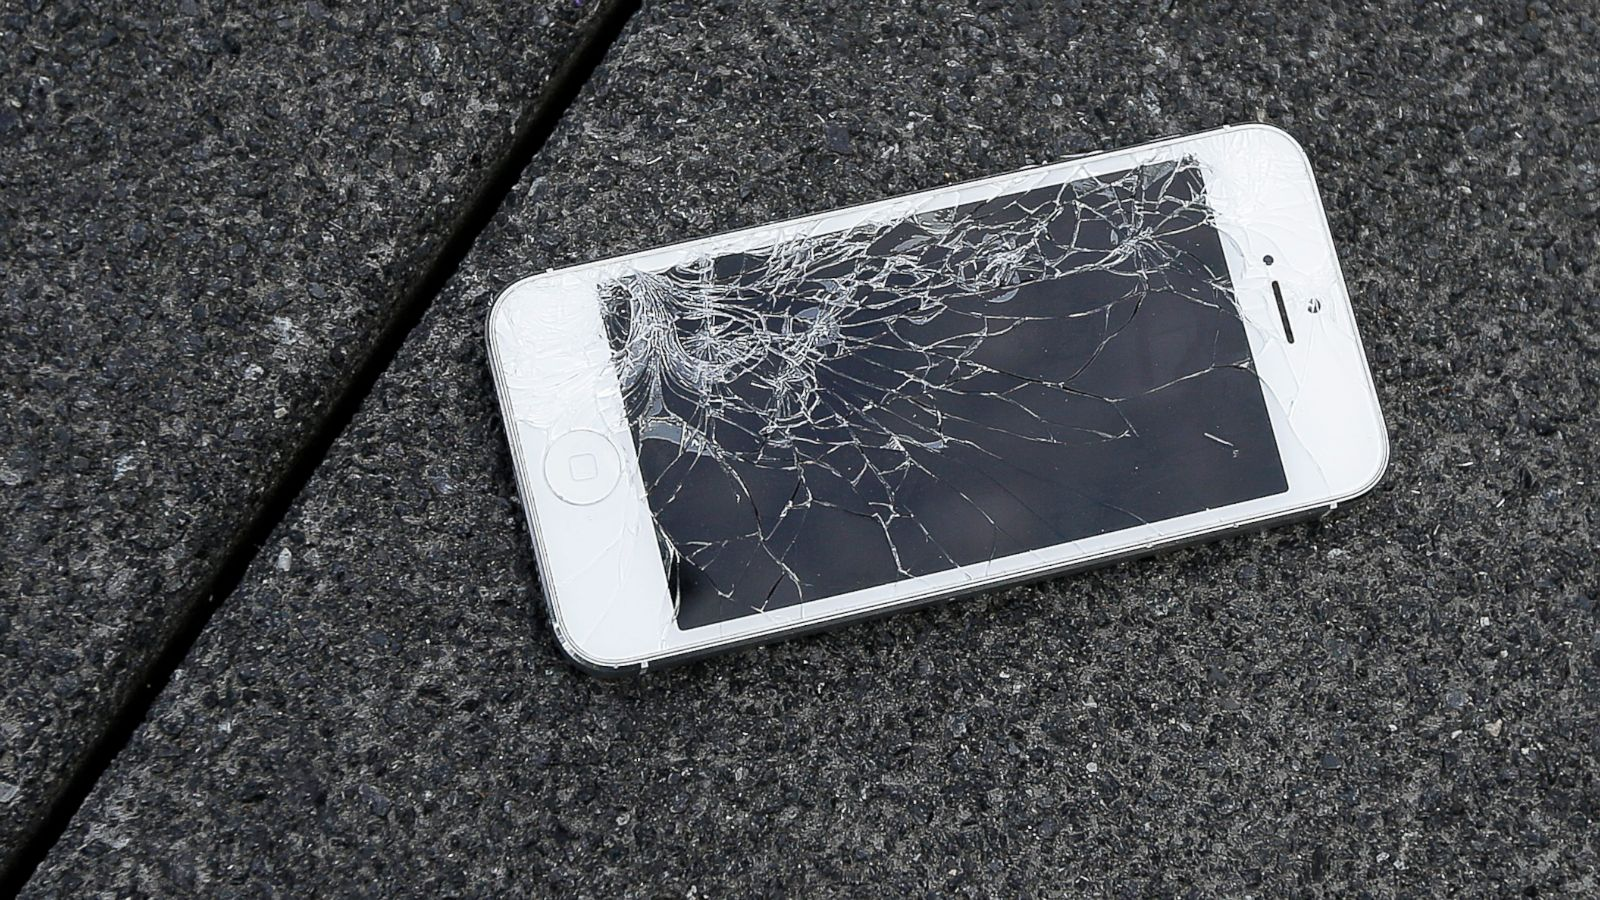 iPhone broken cracked screen_141896